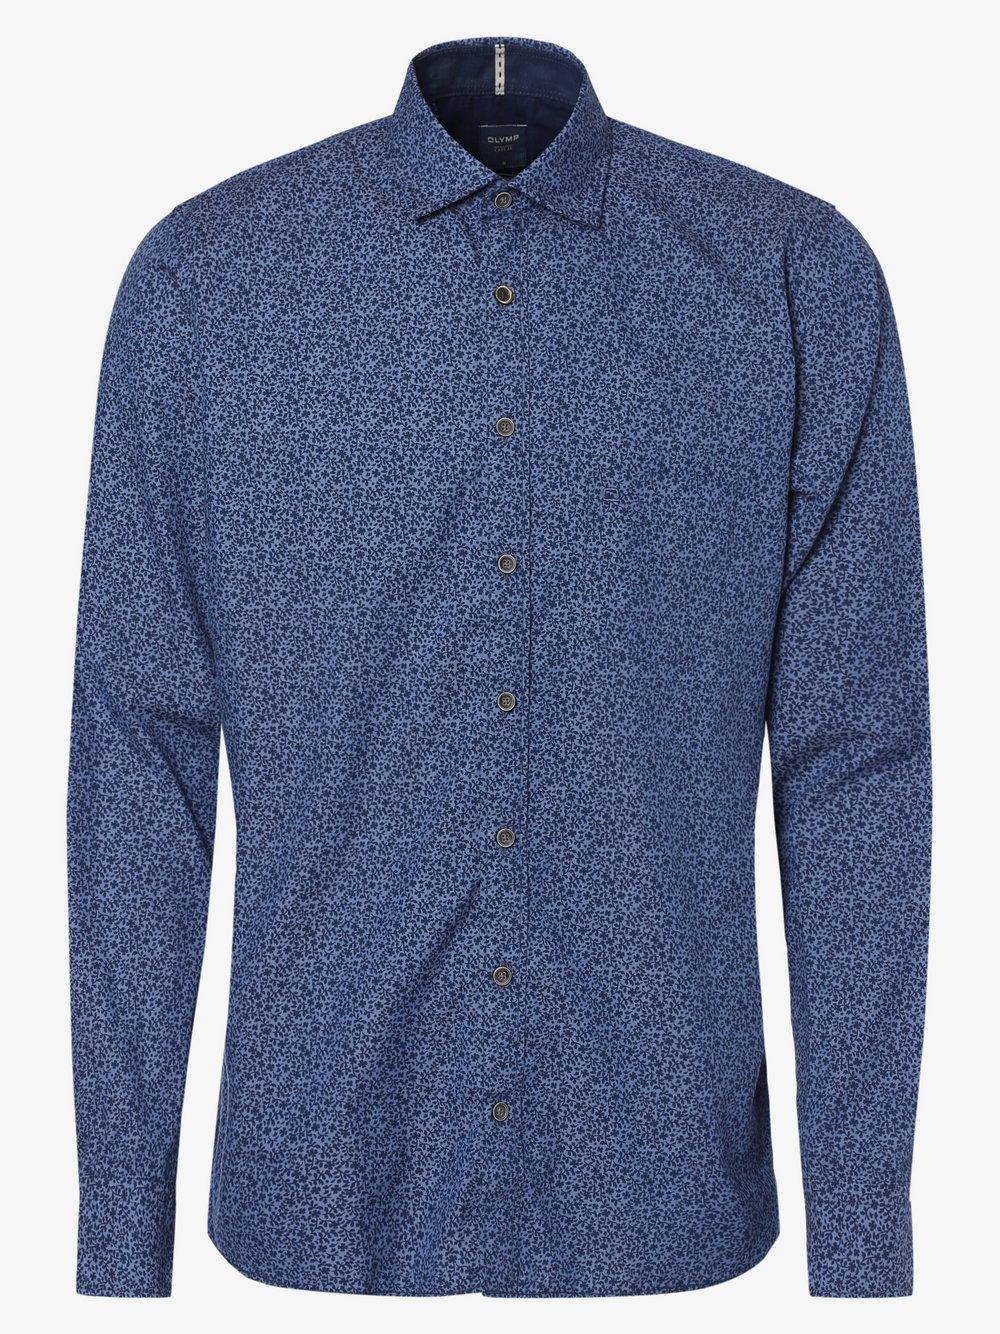 OLYMP Casual modern fit – Koszula męska, niebieski Van Graaf 441985-0001